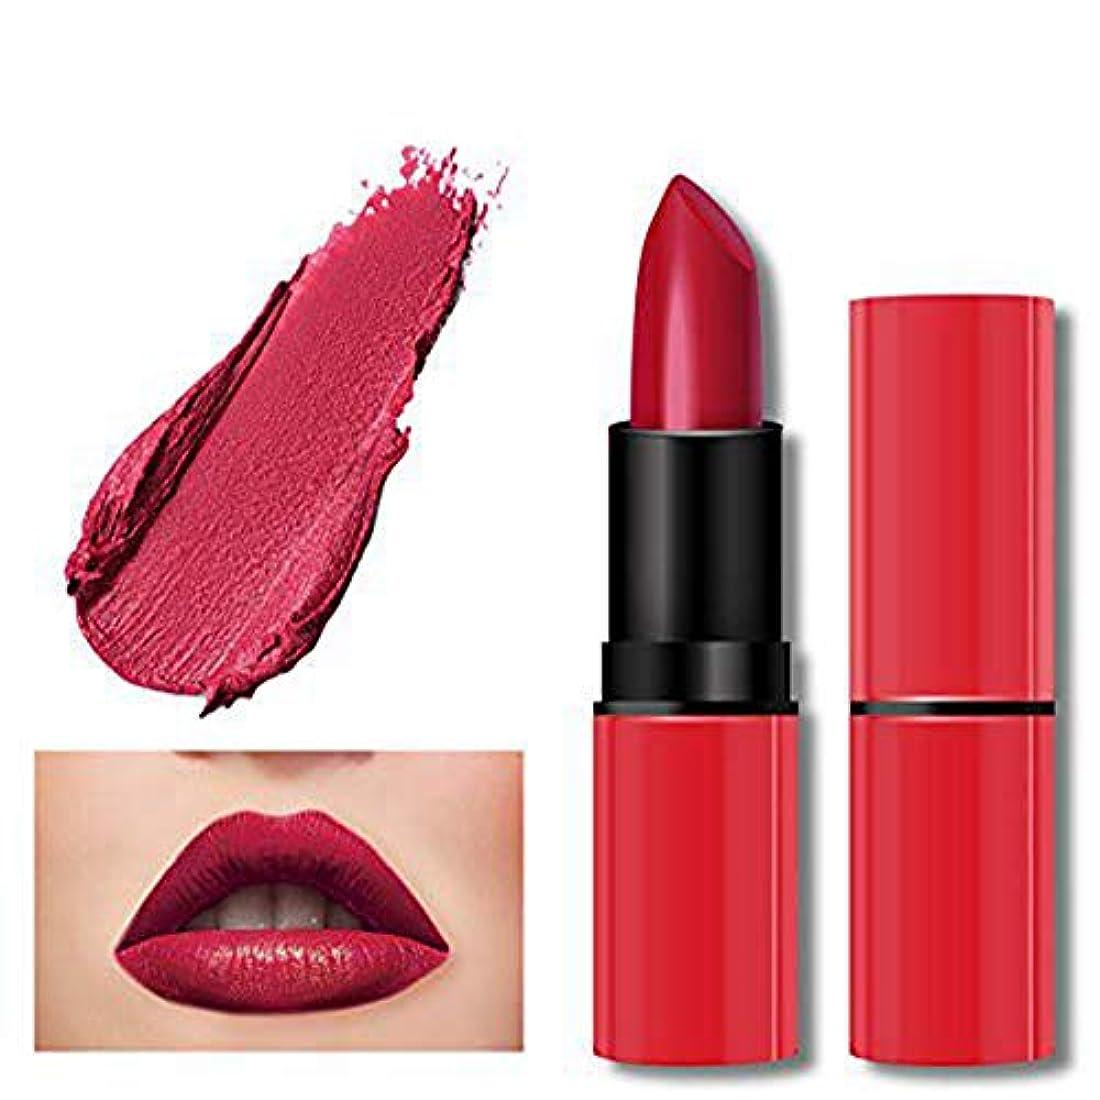 広範囲判決ケープ口紅 1ピース 赤 リップクリーム 魅力 高発色 リップスティック グロス とろけるような付け心地美人発色上質ルージュhuajuanE